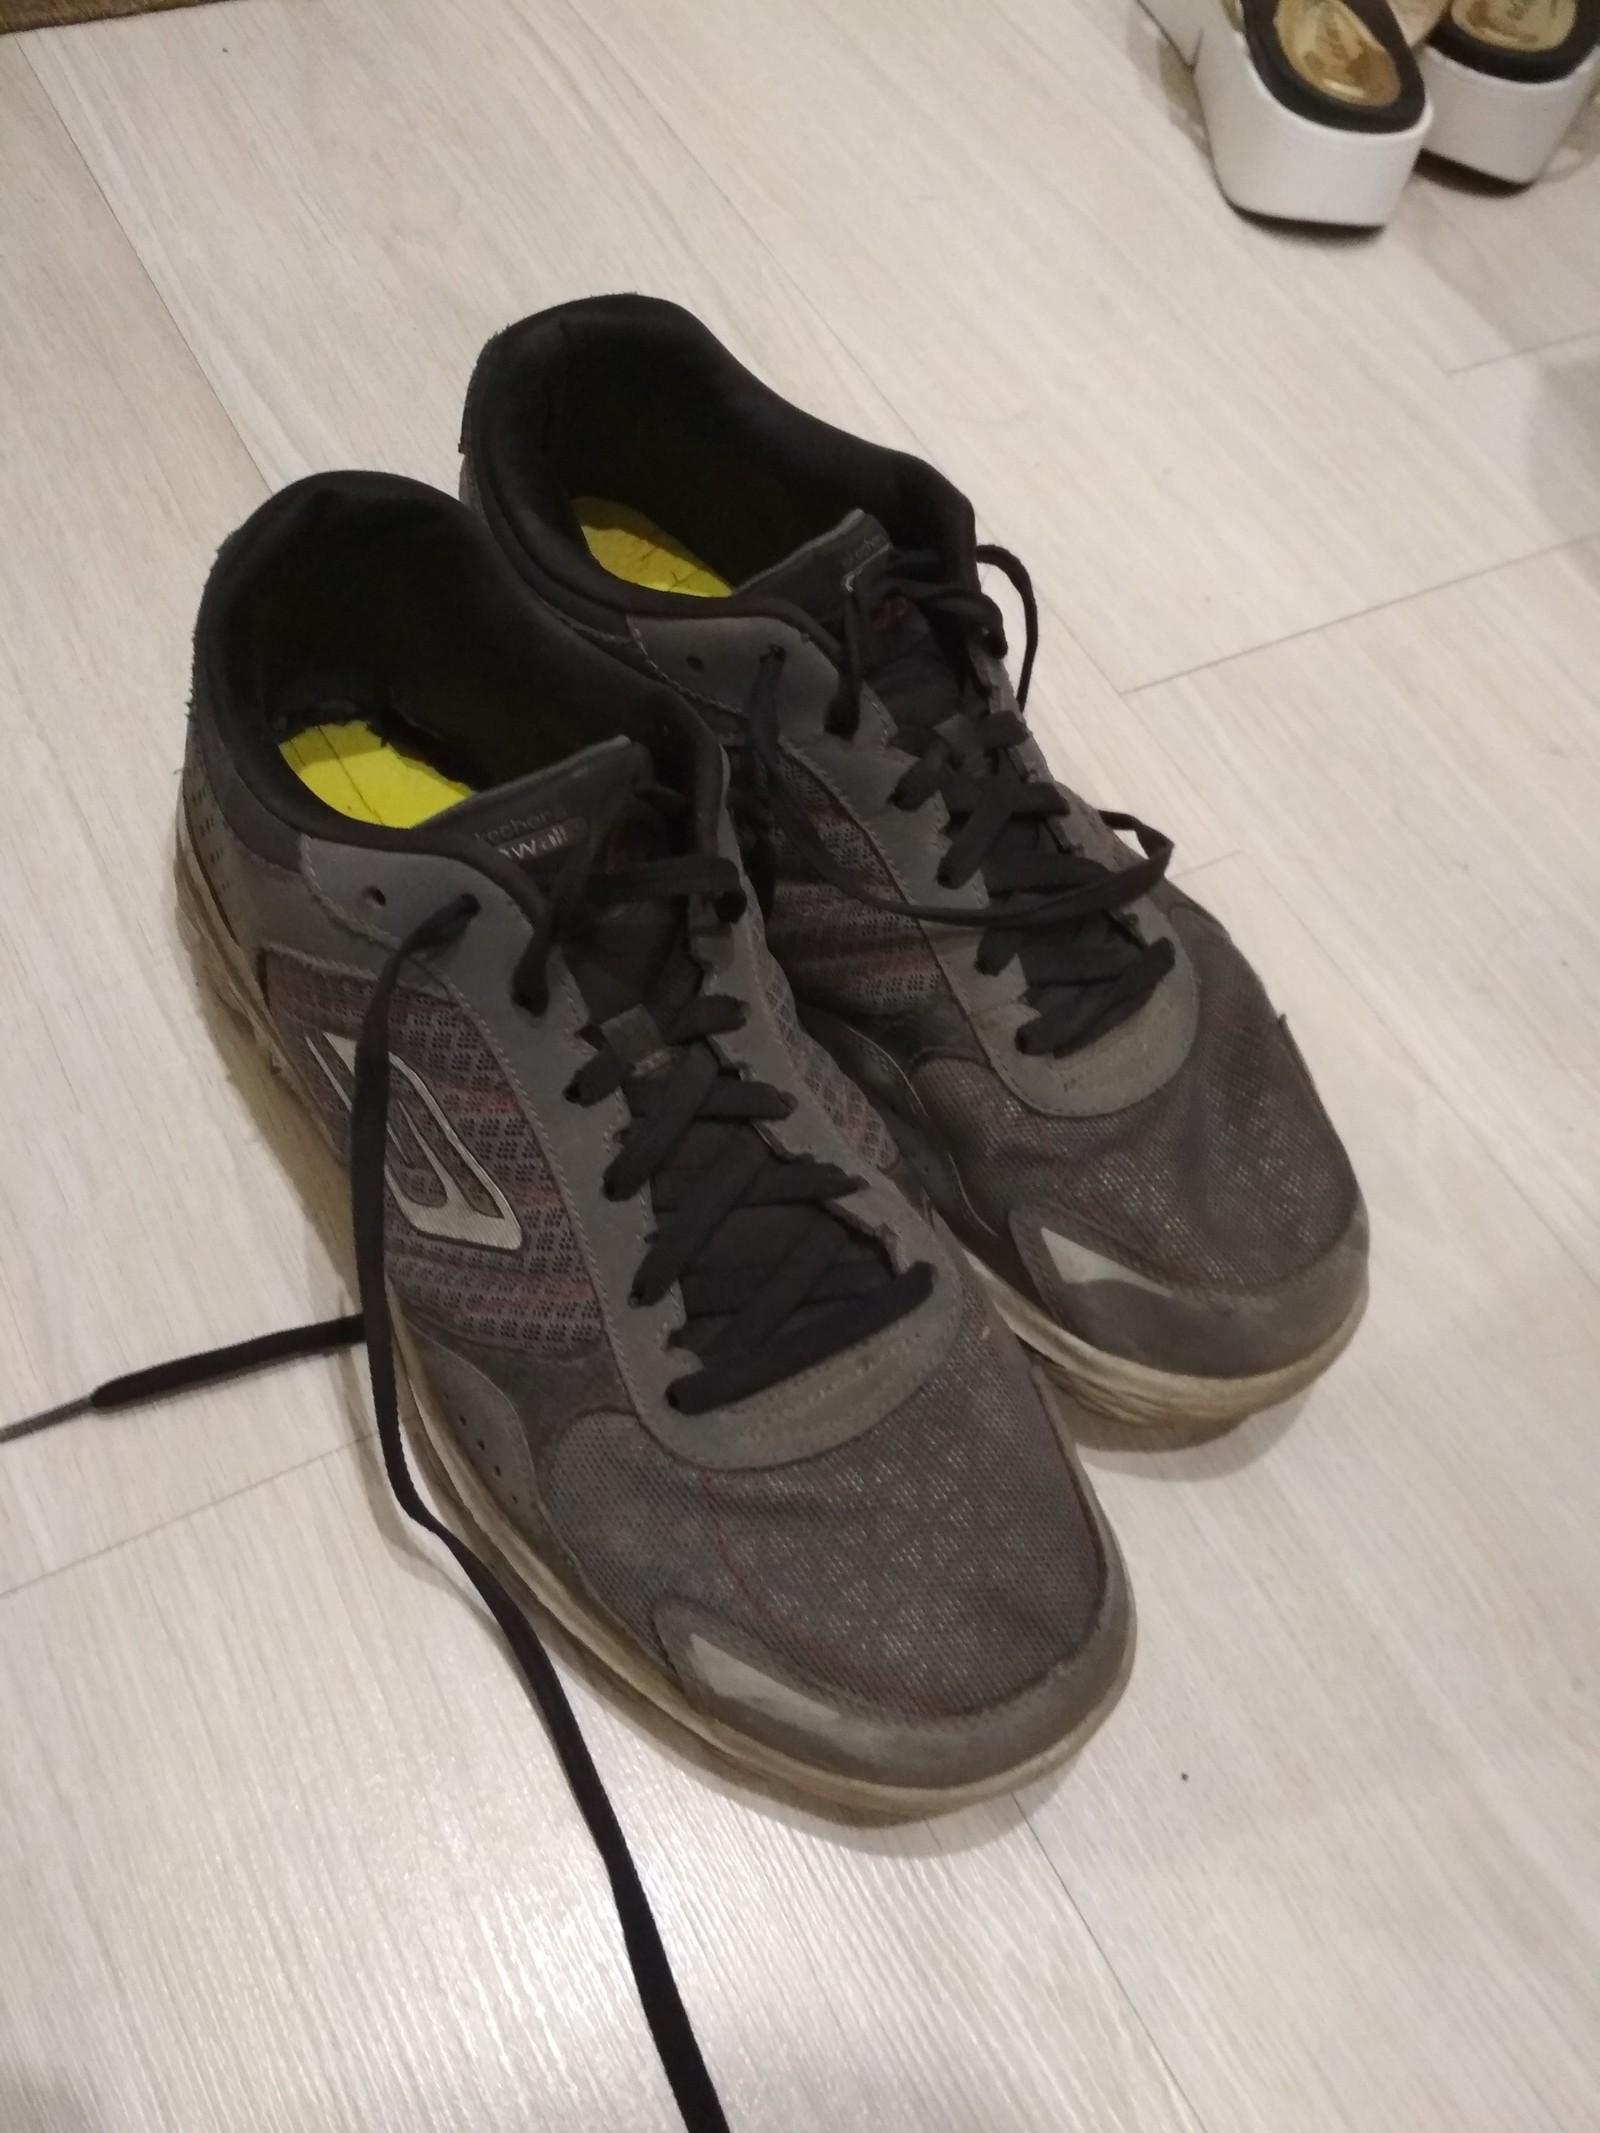 6f87d44c Как я обувь из спортмастера три месяца бесплатно носил.